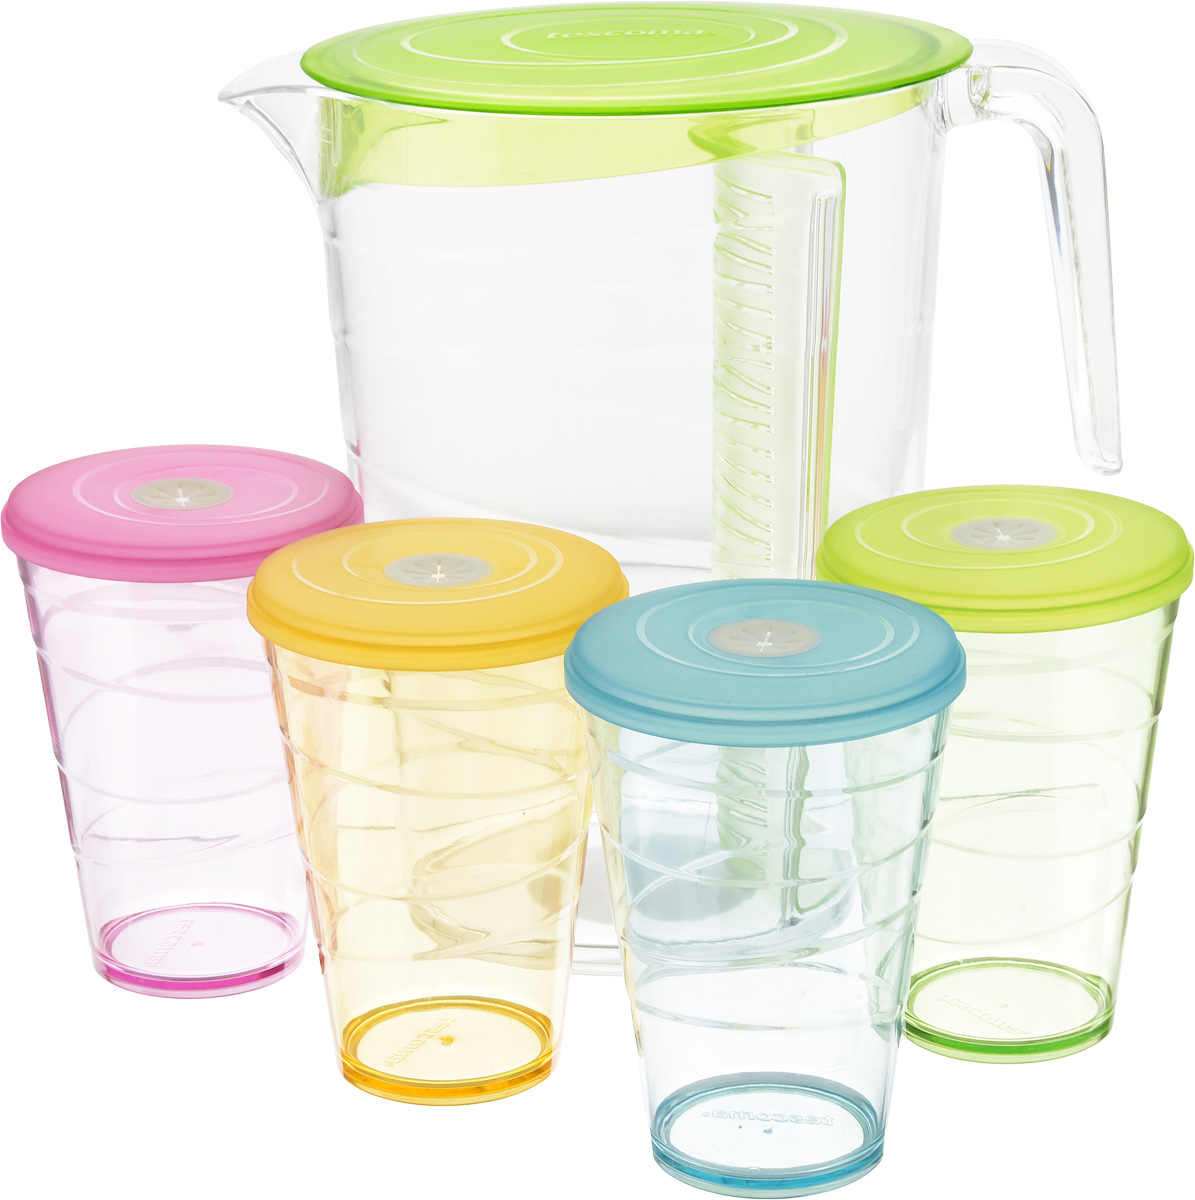 Набор питьевой Tescoma My Drink, цвет: зеленый, 9 предметов308802.25Набор питьевой Tescoma My Drink - великолепное решение для летних прохладительных напитков! Набор состоит из кувшина и 4 стаканов. Для изготовления кувшина и стаканов используется первоклассный нетоксичный пластик, пригодный для долгосрочного контакта с пищевыми продуктами и не содержащий химических добавок.Кувшин оснащен специальной перегородкой для фруктов и листьев мяты, которая позволяет не допускать смешивания с основной жидкостью в кувшине. Это избавит вас от дополнительной фильтрации лимонада. Перегородку удобно снимать и чистить.В комплект входят 4 стакана разного цвета, каждый из которых оснащен крышкой с гибким отверстием для соломинки.Можно мыть в посудомоечной машине на щадящих программах, выдерживает температуру до 60°С.Размер кувшина (по верхнему краю): 12 х 18 см.Высота кувшина: 23 см.Объем кувшина: 2,5 л.Диаметр стакана (по верхнему краю): 8,5 см.Высота стакана: 12 см.Объем стакана: 400 мл.